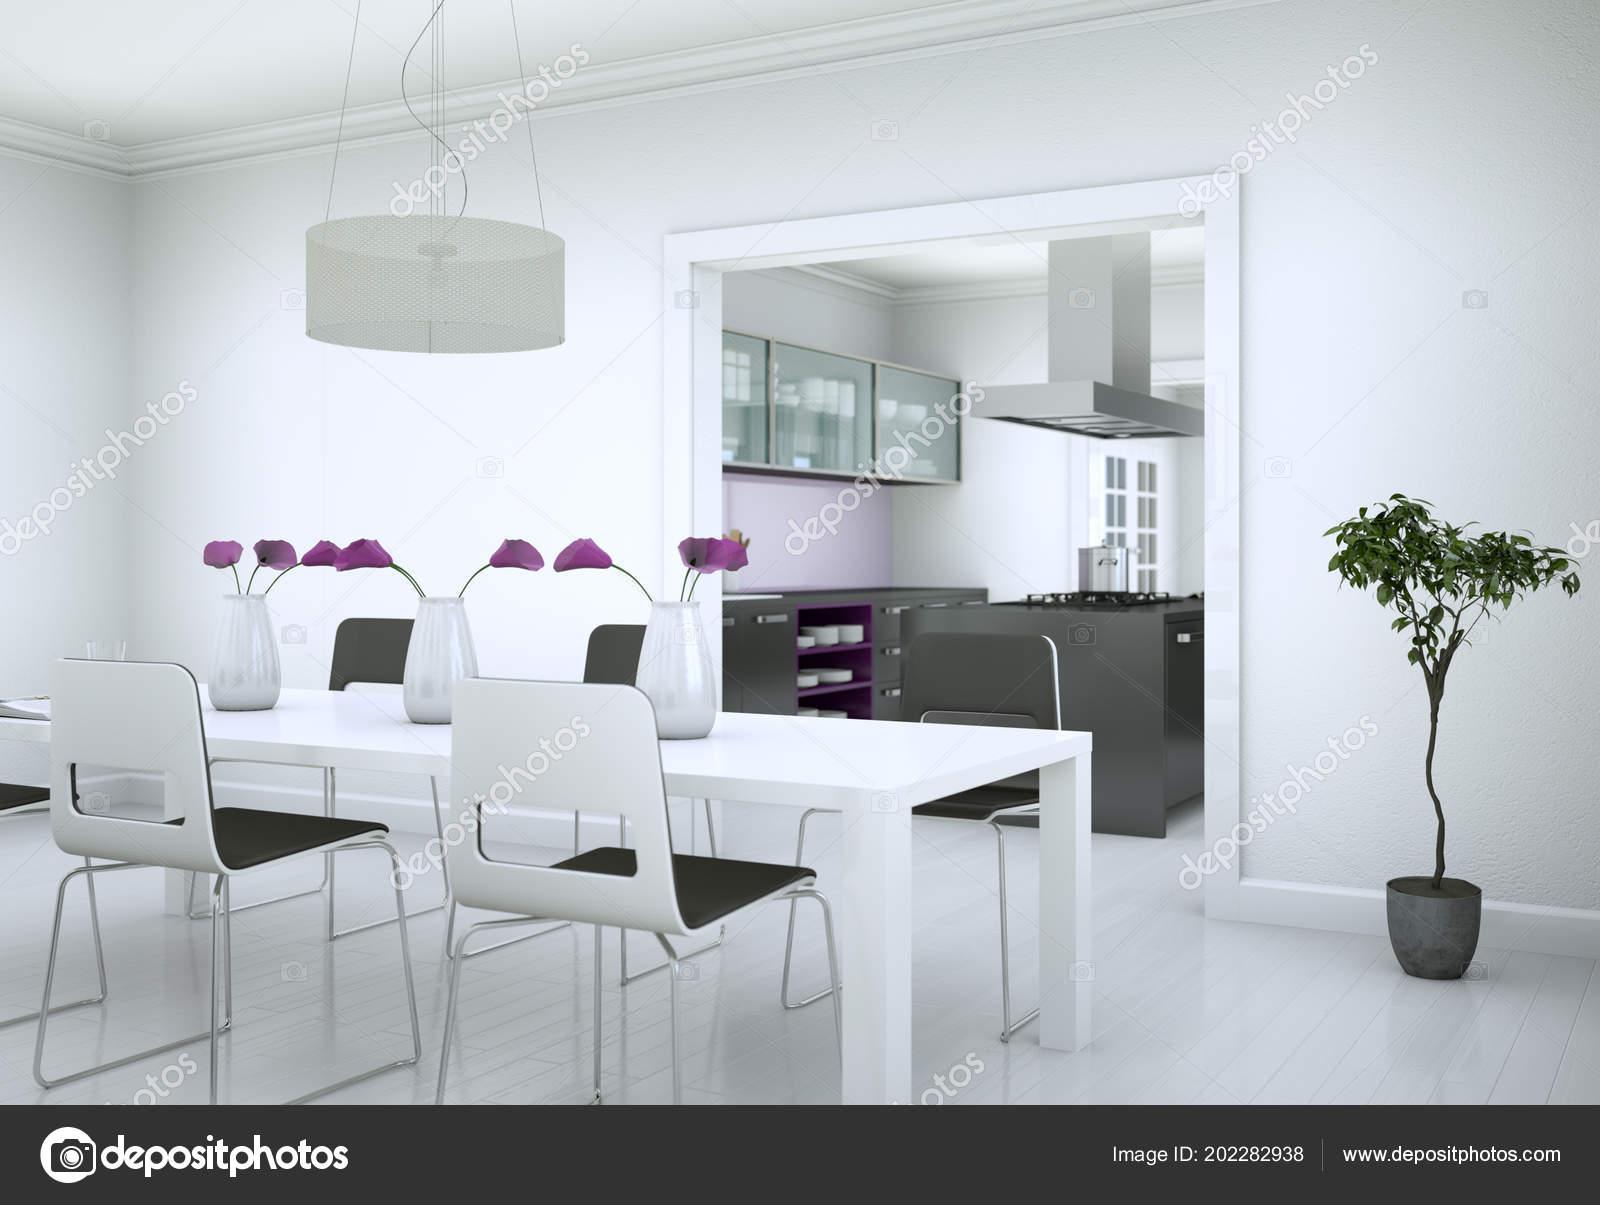 Captivant Salle à Manger Design Du0027intérieur En Appartement Moderne Illustration 3d U2014  Image De Virtua73